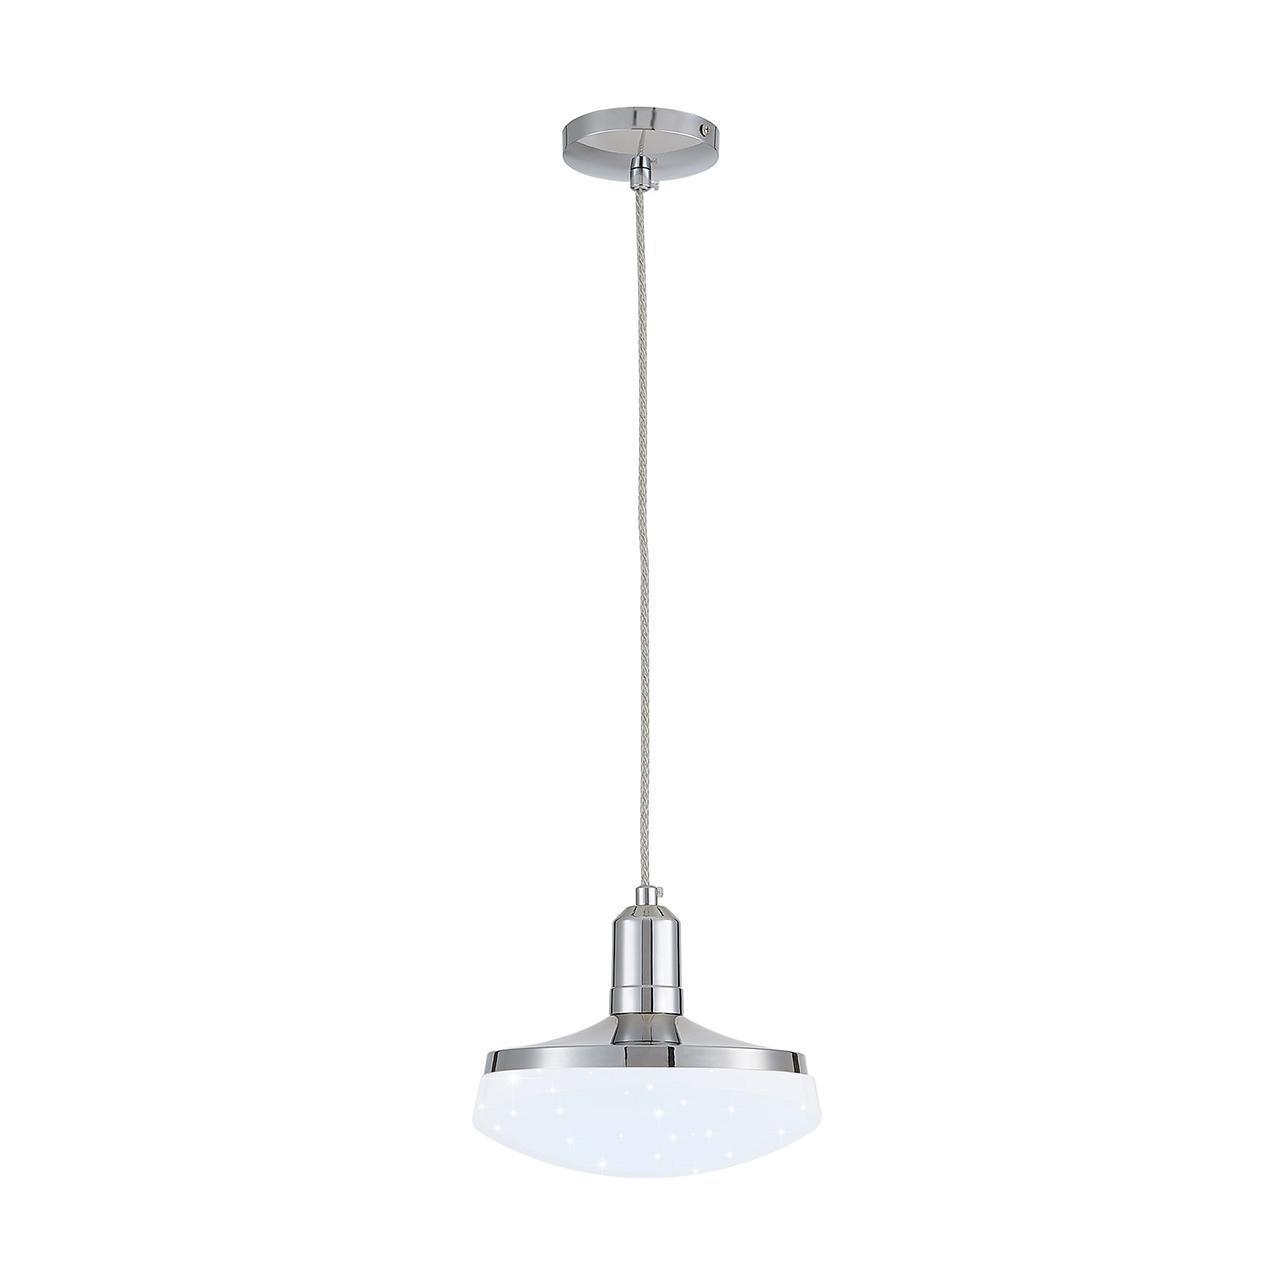 Фото - Подвесной светодиодный светильник Citilux Тамбо CL716111Nz подвесной светильник citilux тамбо cl716111wz